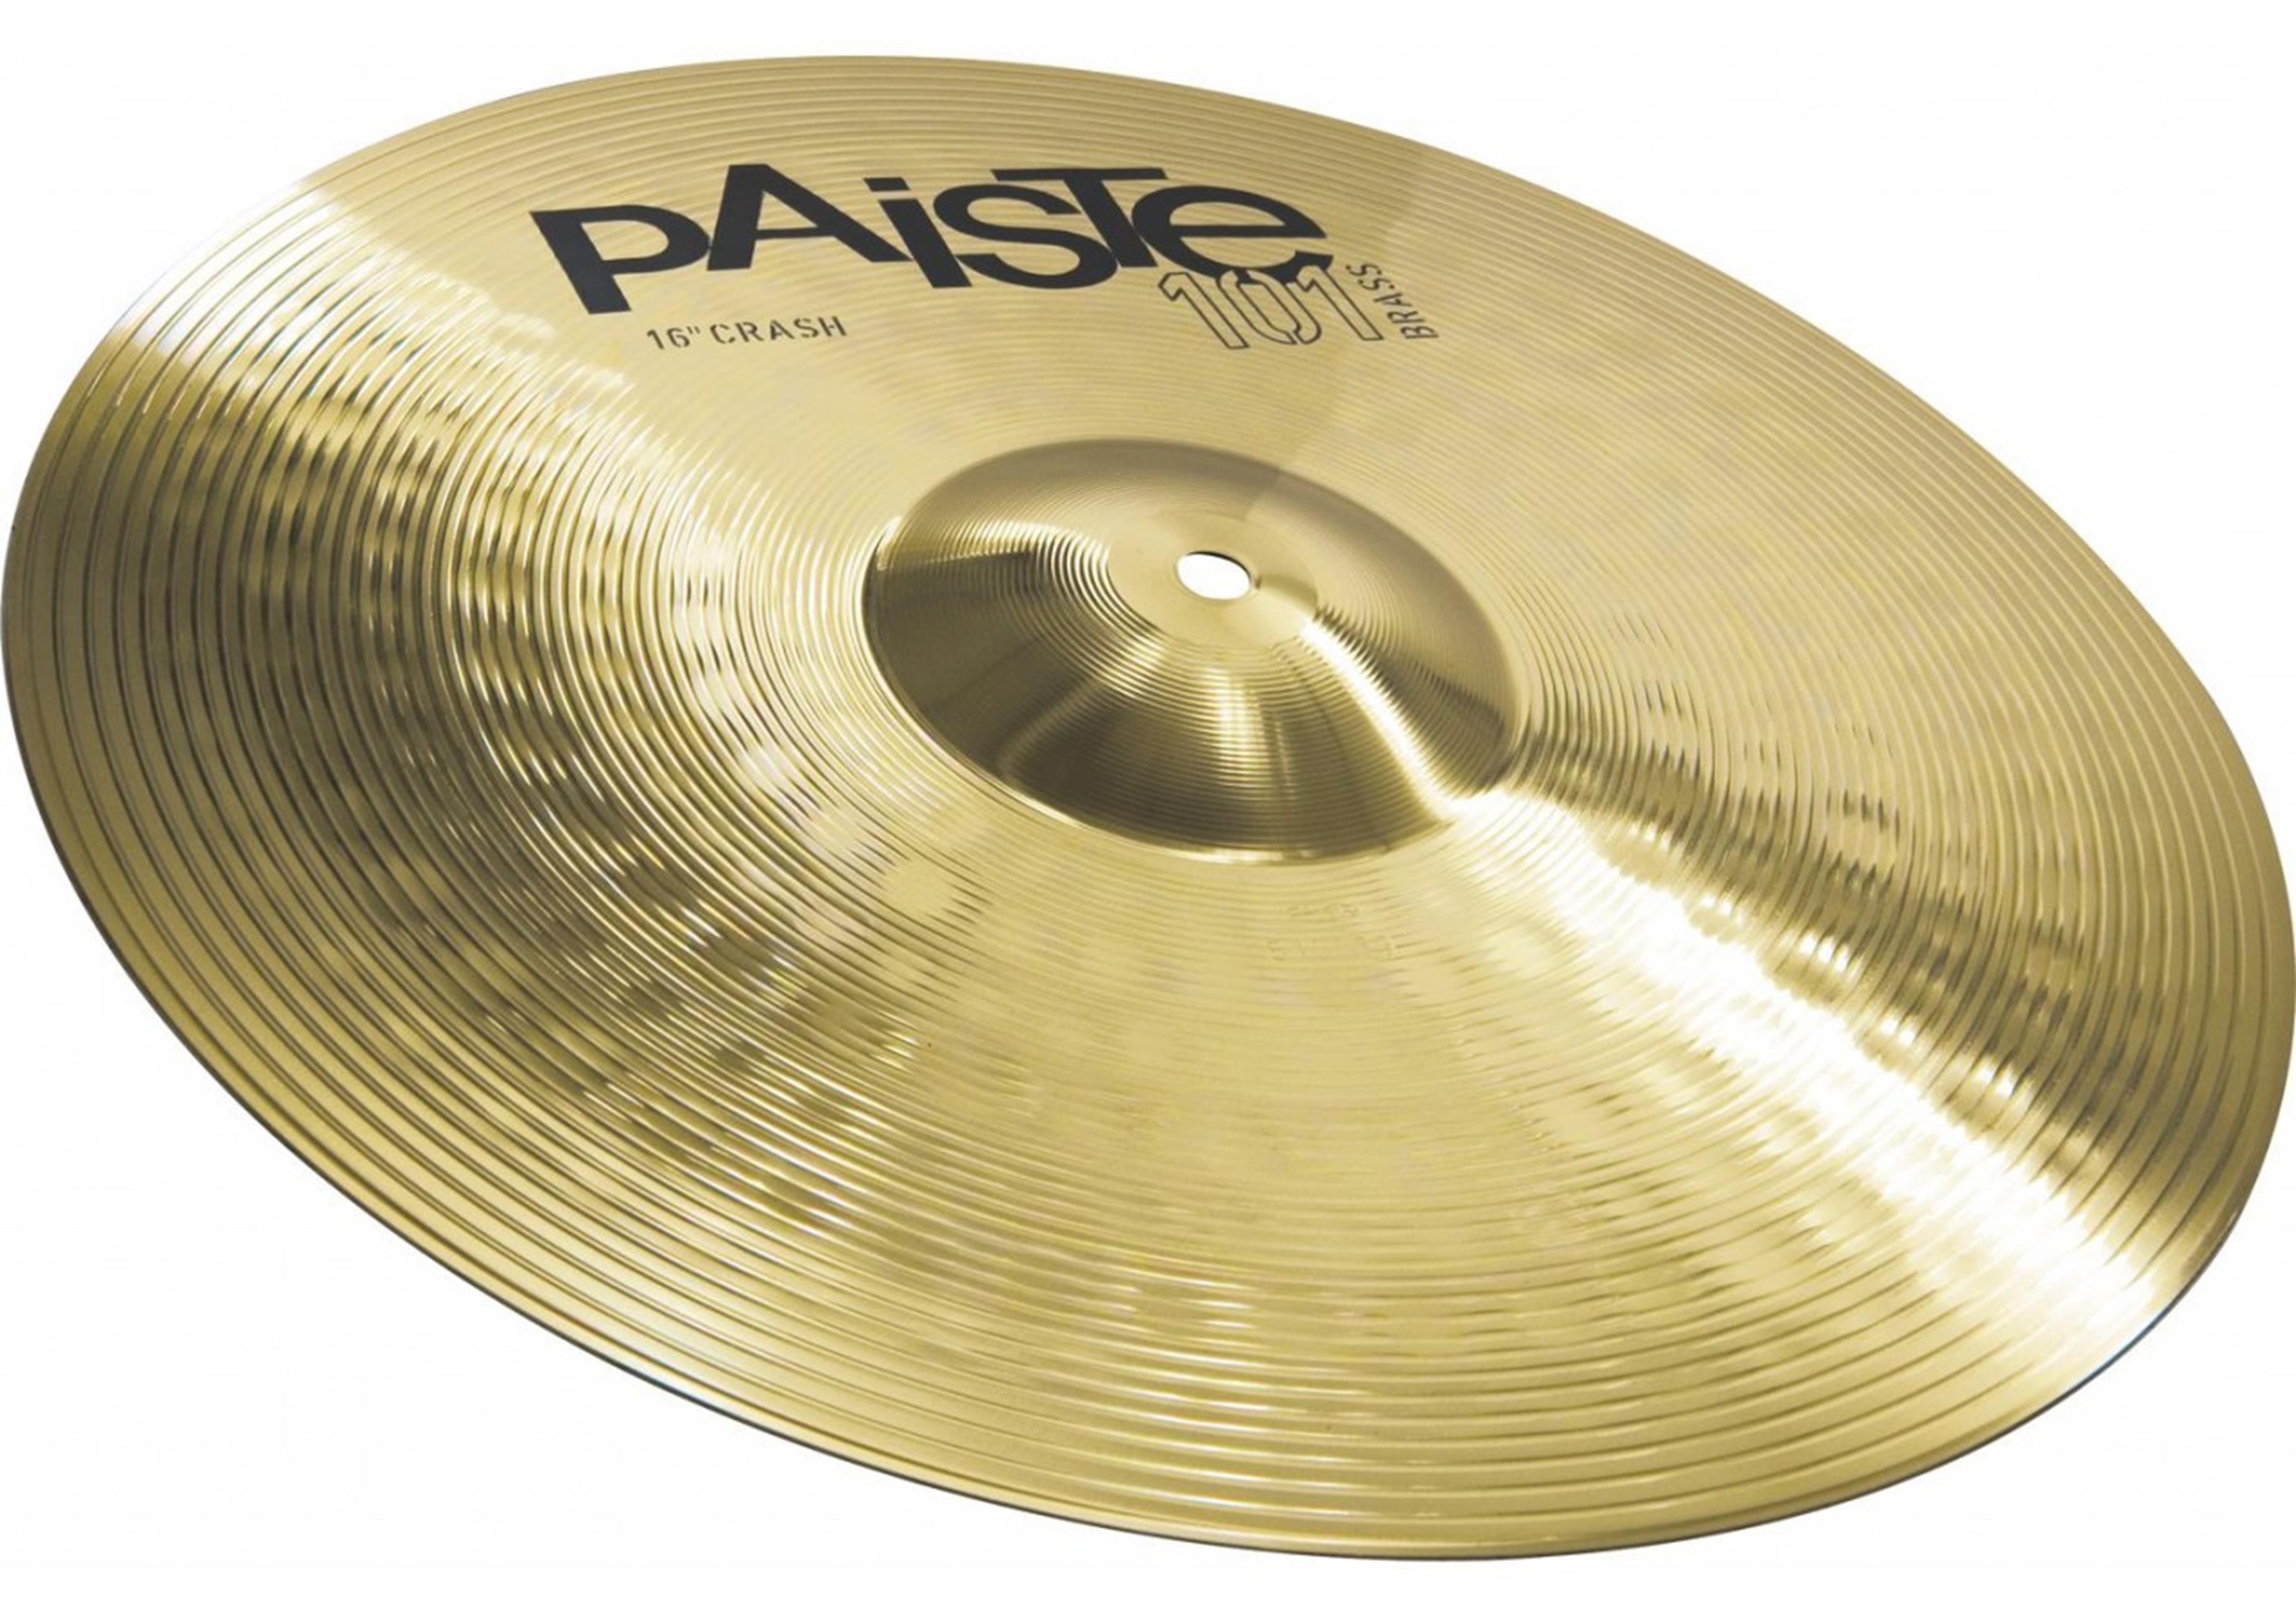 PAISTE-101-CRASH-16-sku-106